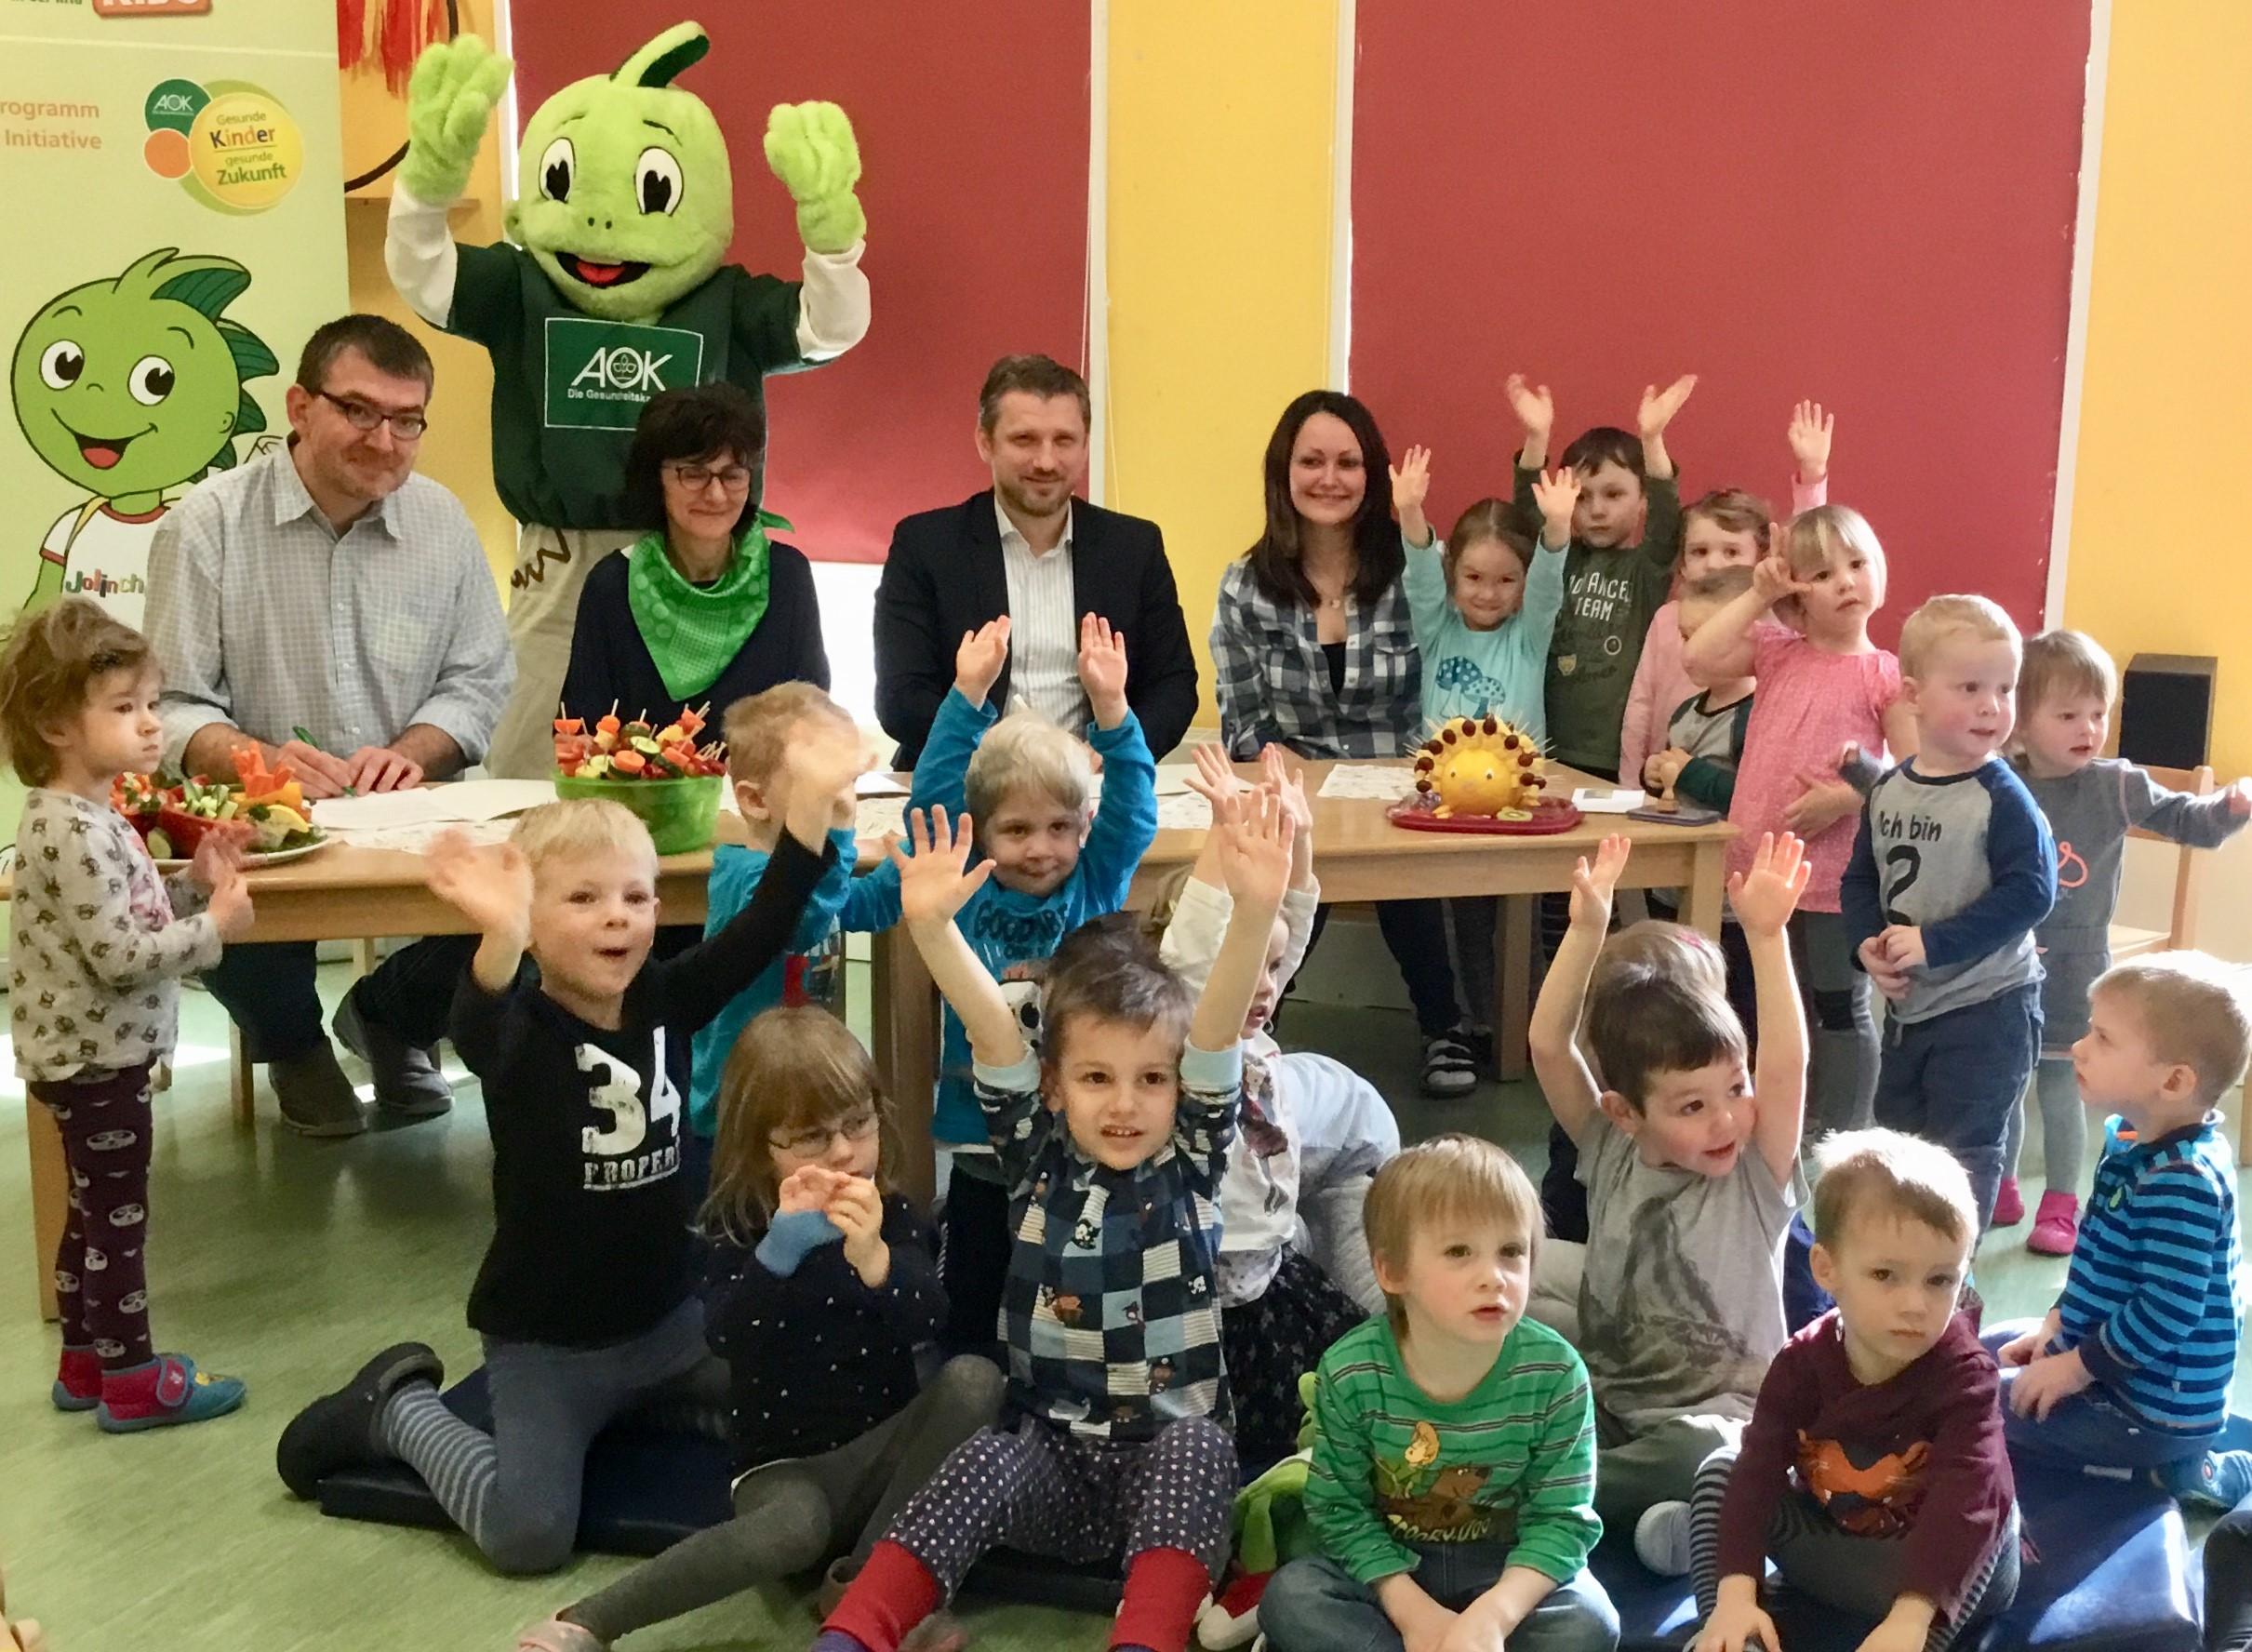 """v.l. Dirk Müller (Leiter der Kita), Susanne Neppert (AOK); Bürgermeister Sven Hause, Alexandra Krieg (Projektverantwortliche) unterzeichnen im Beisein der Kinder und von Projektmaskottchen """"Jolinchen"""" den Vertrag zum Gesundheitsprojekt."""